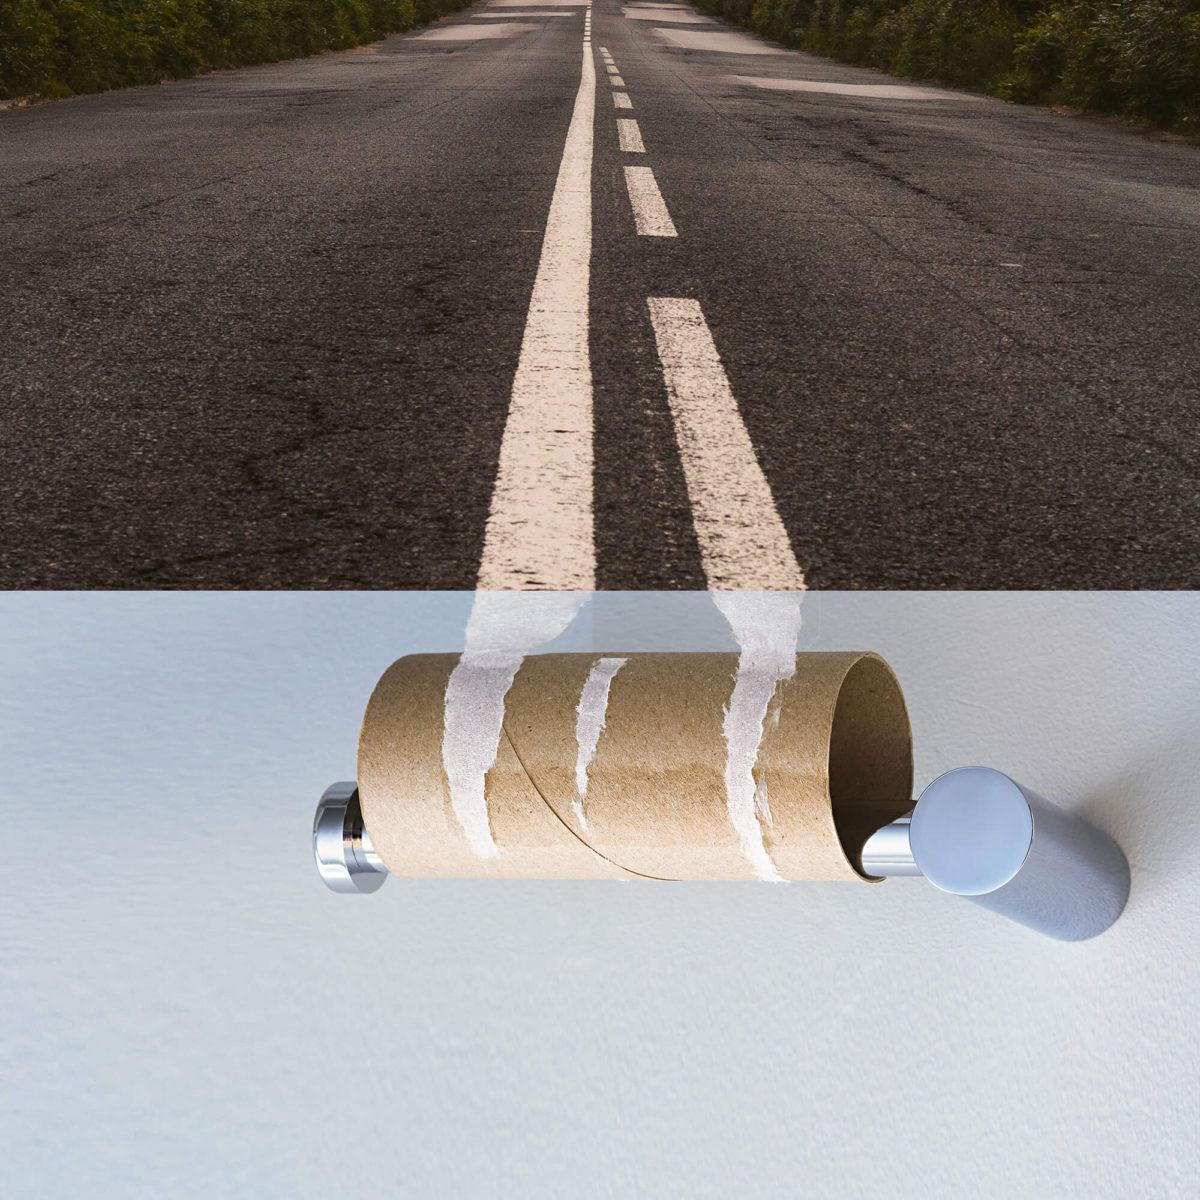 Hors paires route et papier toilette